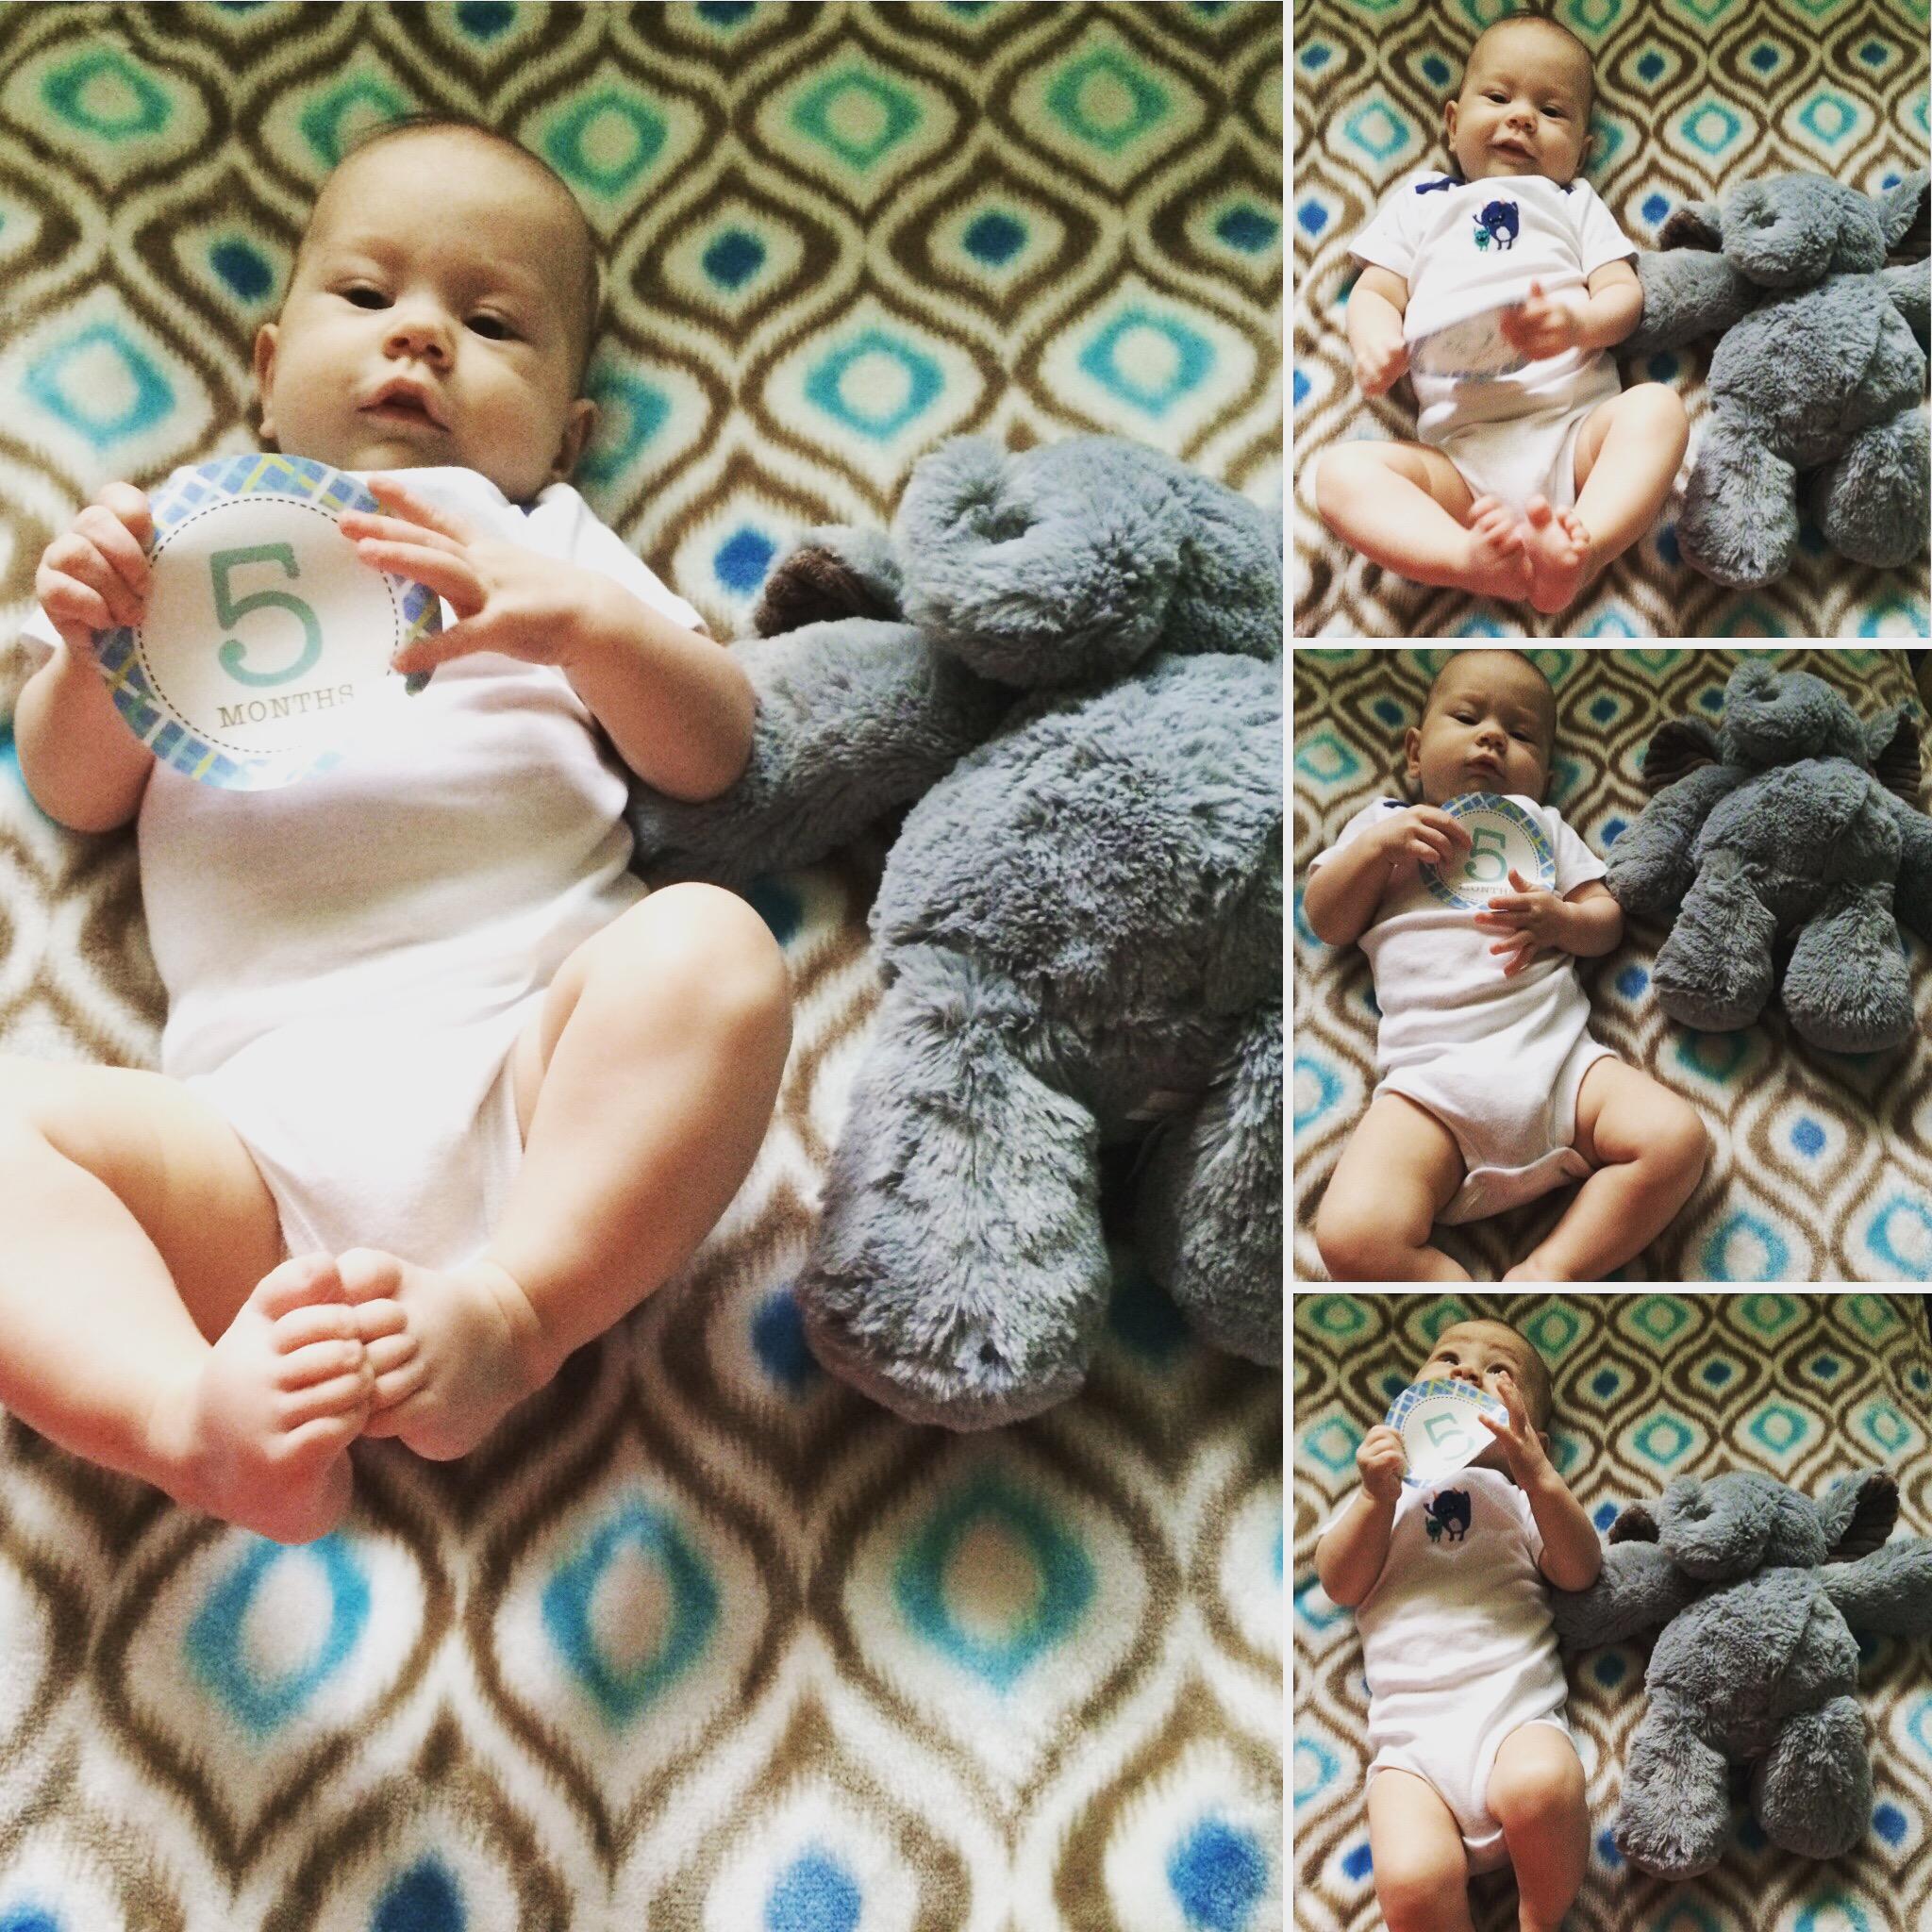 MamaHippie-Baby Ethan